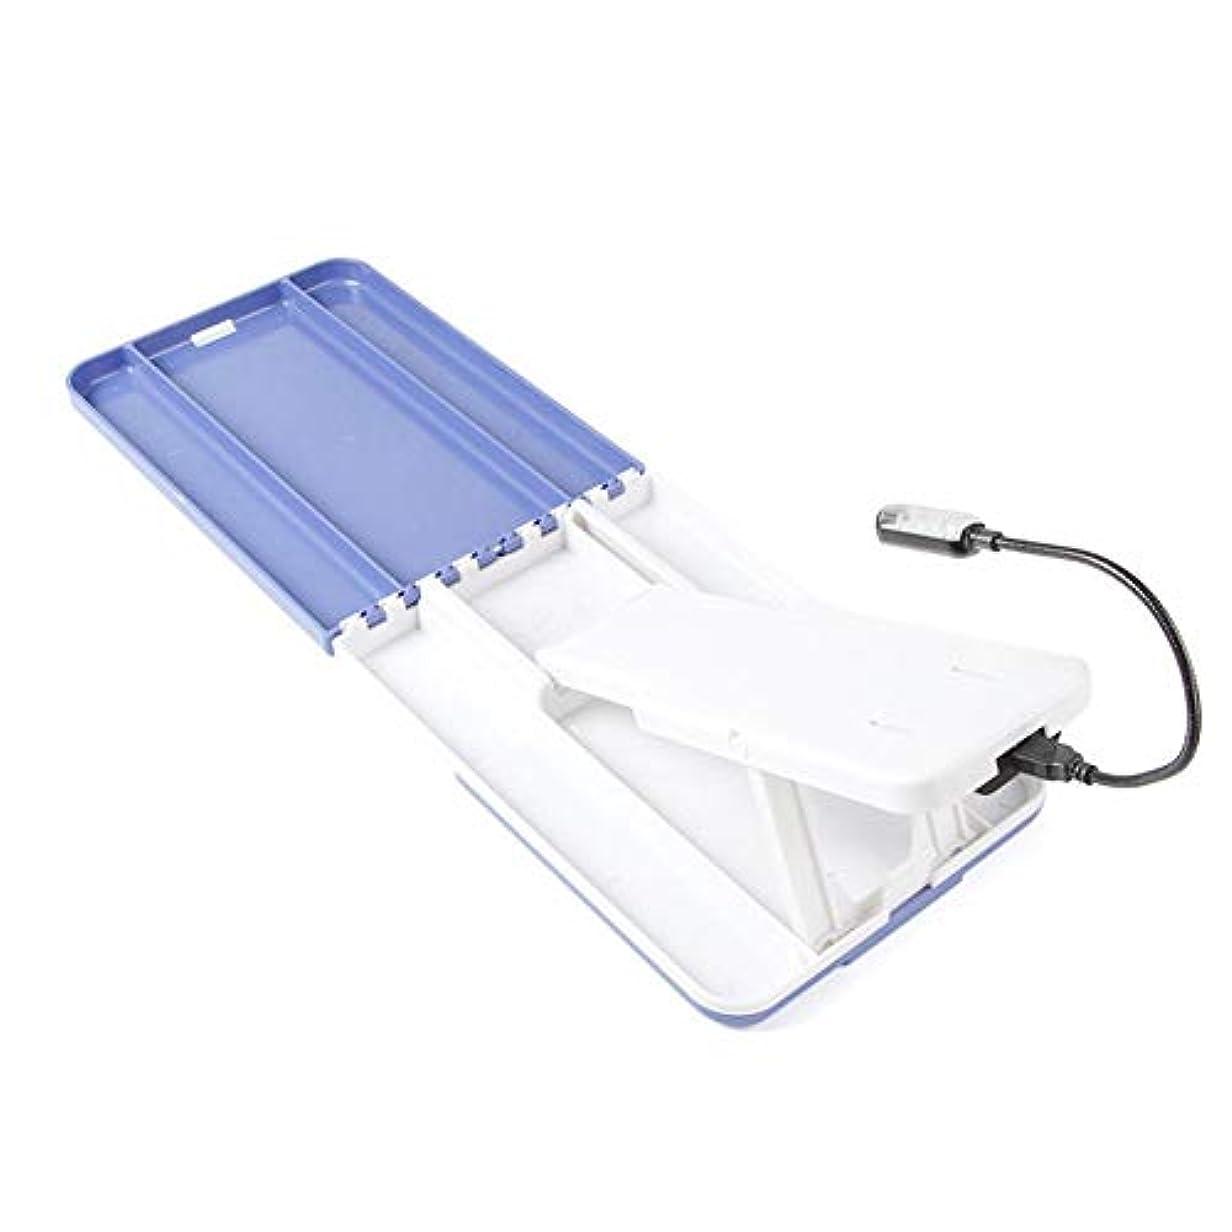 失業者法律により多用途BETTER YOU (ベター ュー) トリムネイルツールボード、持ち運びが簡単、持ち運び、バッテリー付属